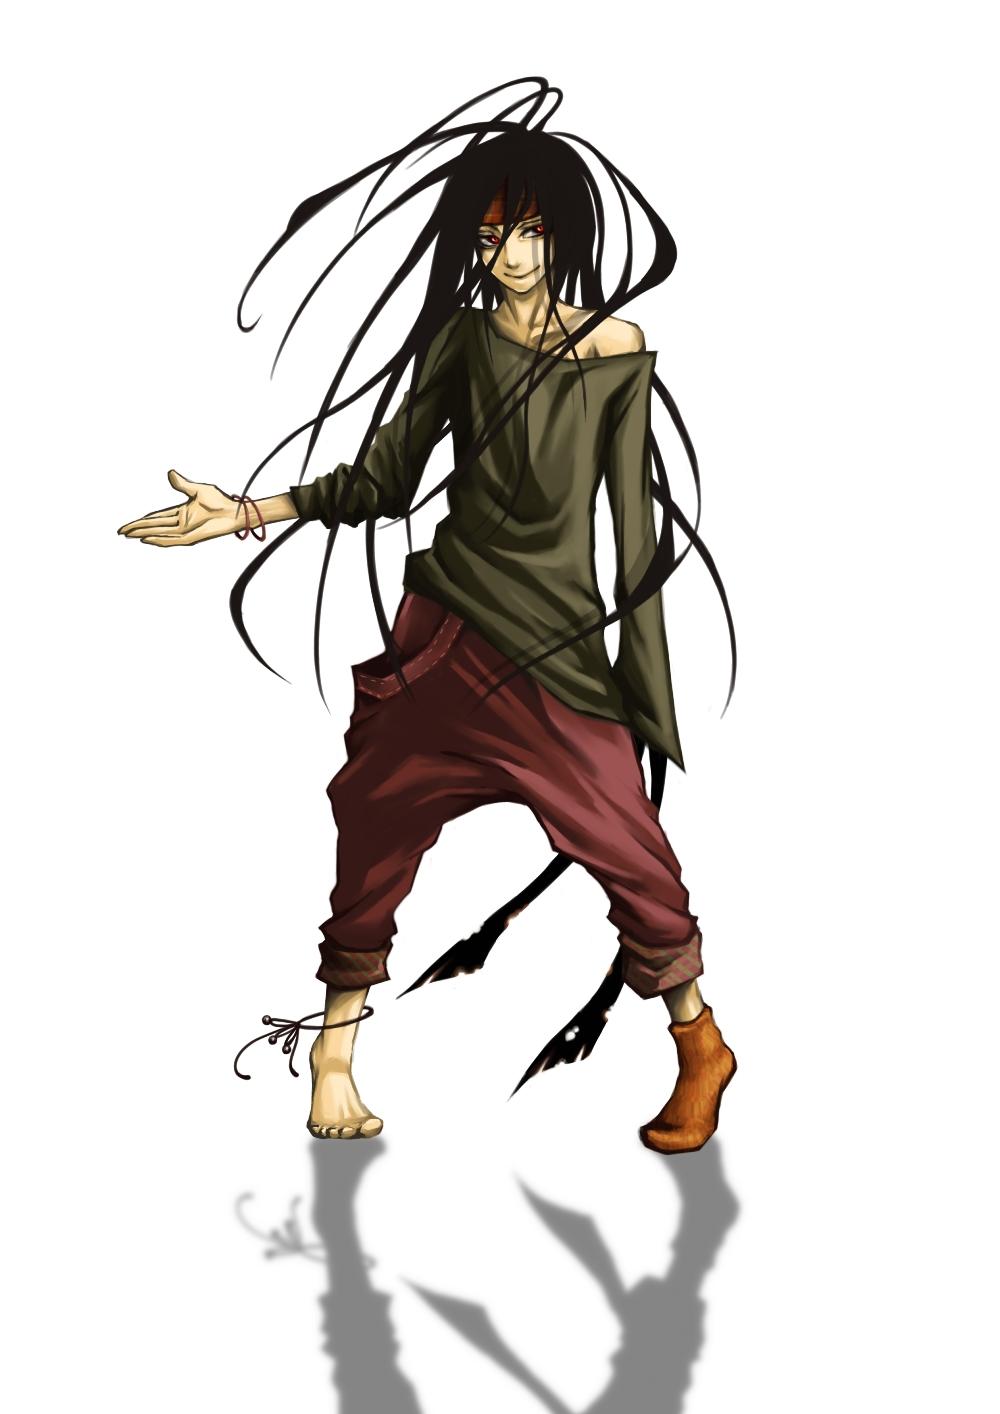 Envy (FMA) - Fullmetal Alchemist - Zerochan Anime Image Board